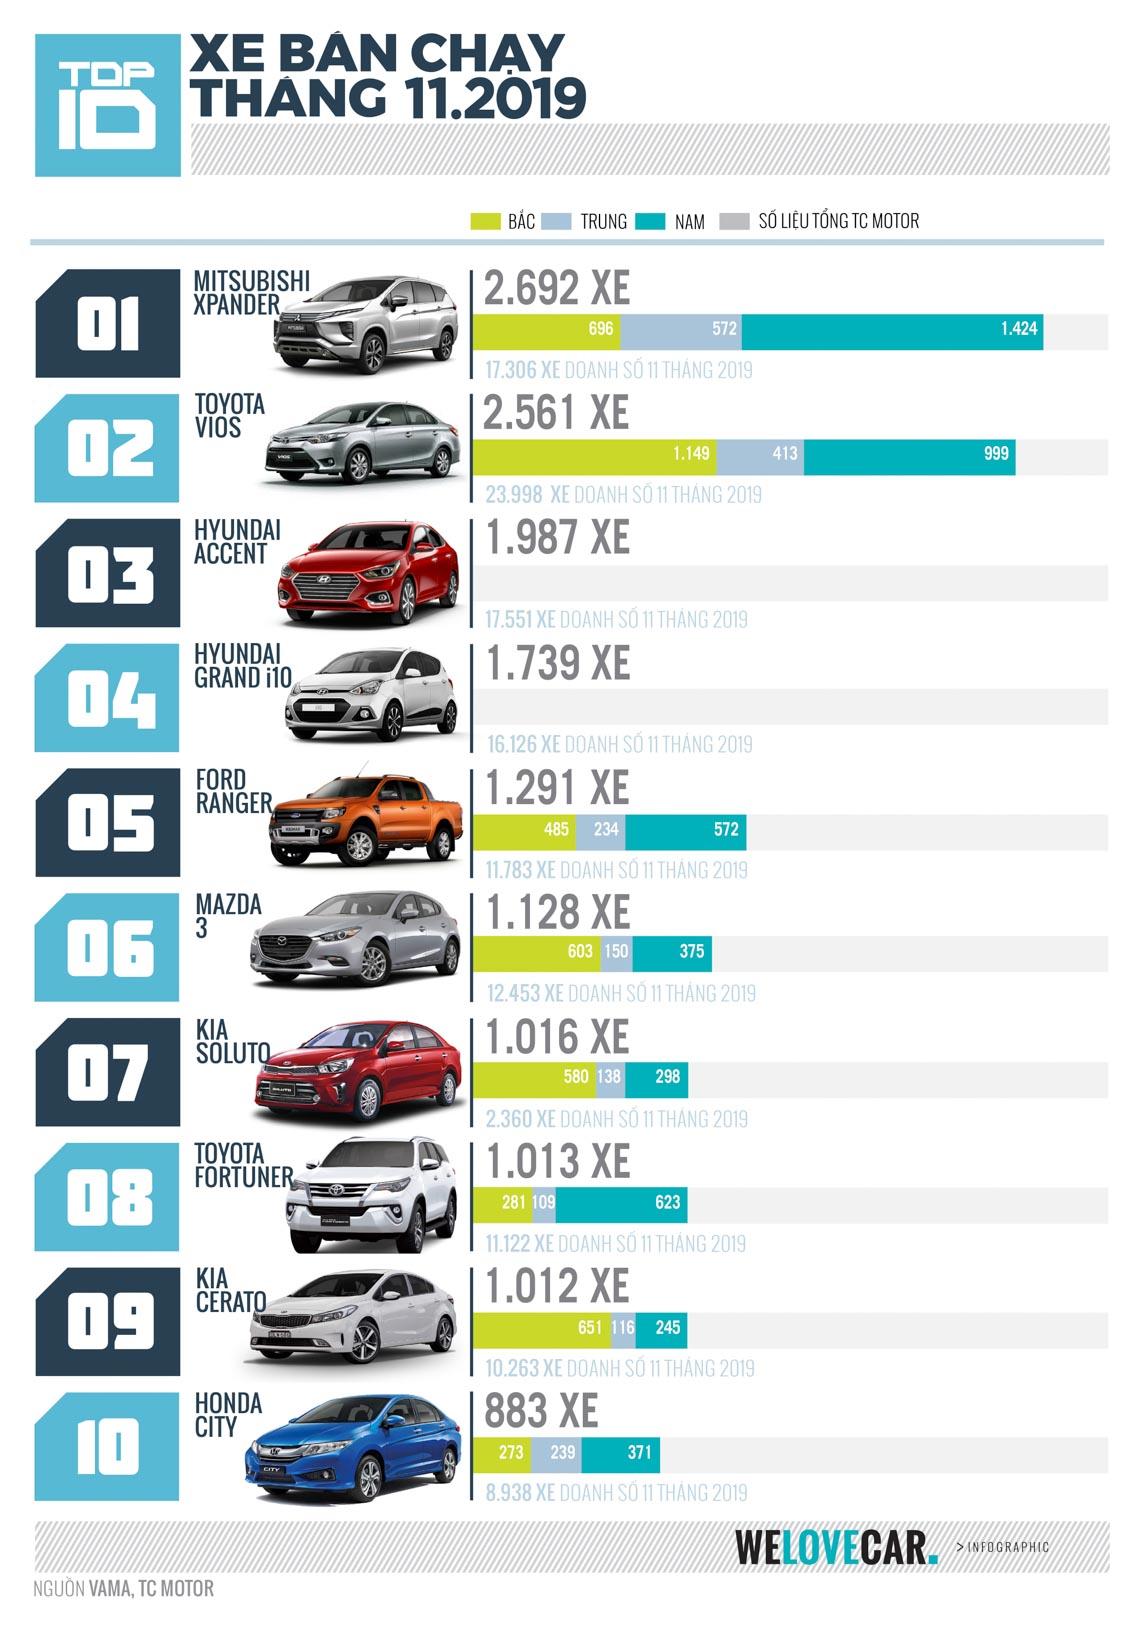 """[Infographic] Top 10 mẫu xe bán chạy nhất tháng 11-2019: Mitsubishi X-Pander giữ vững """"Ngôi vương"""" với 2.692 xe -1"""